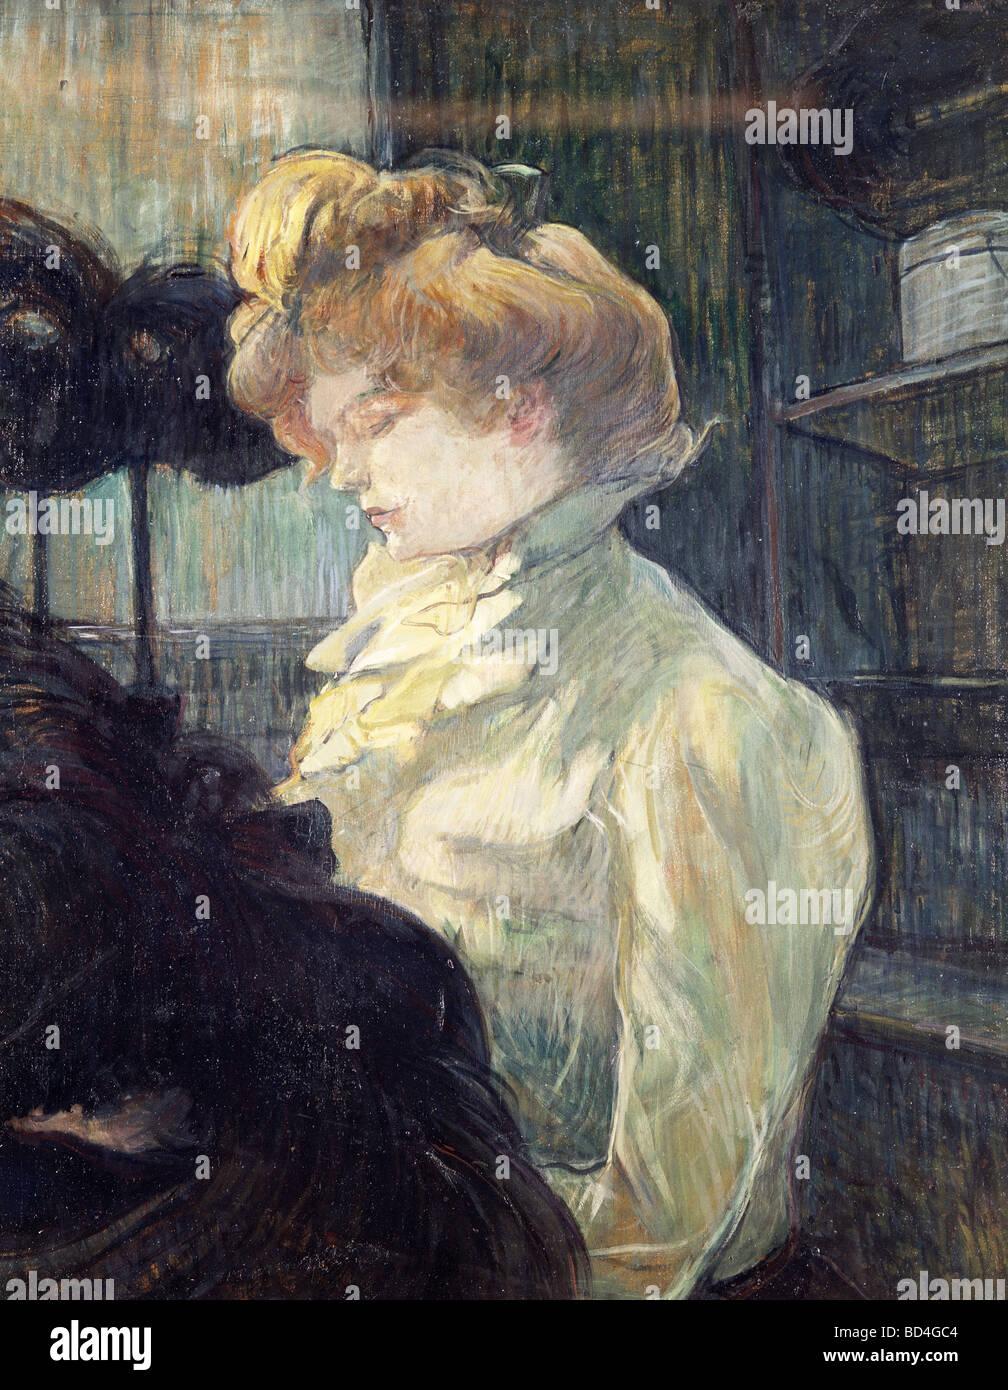 """fine arts, Toulouse-Lautrec, Henri de (1864 - 1901), painting, """"La Modiste"""", 1900, Museum Albi, Europe, France, Stock Photo"""